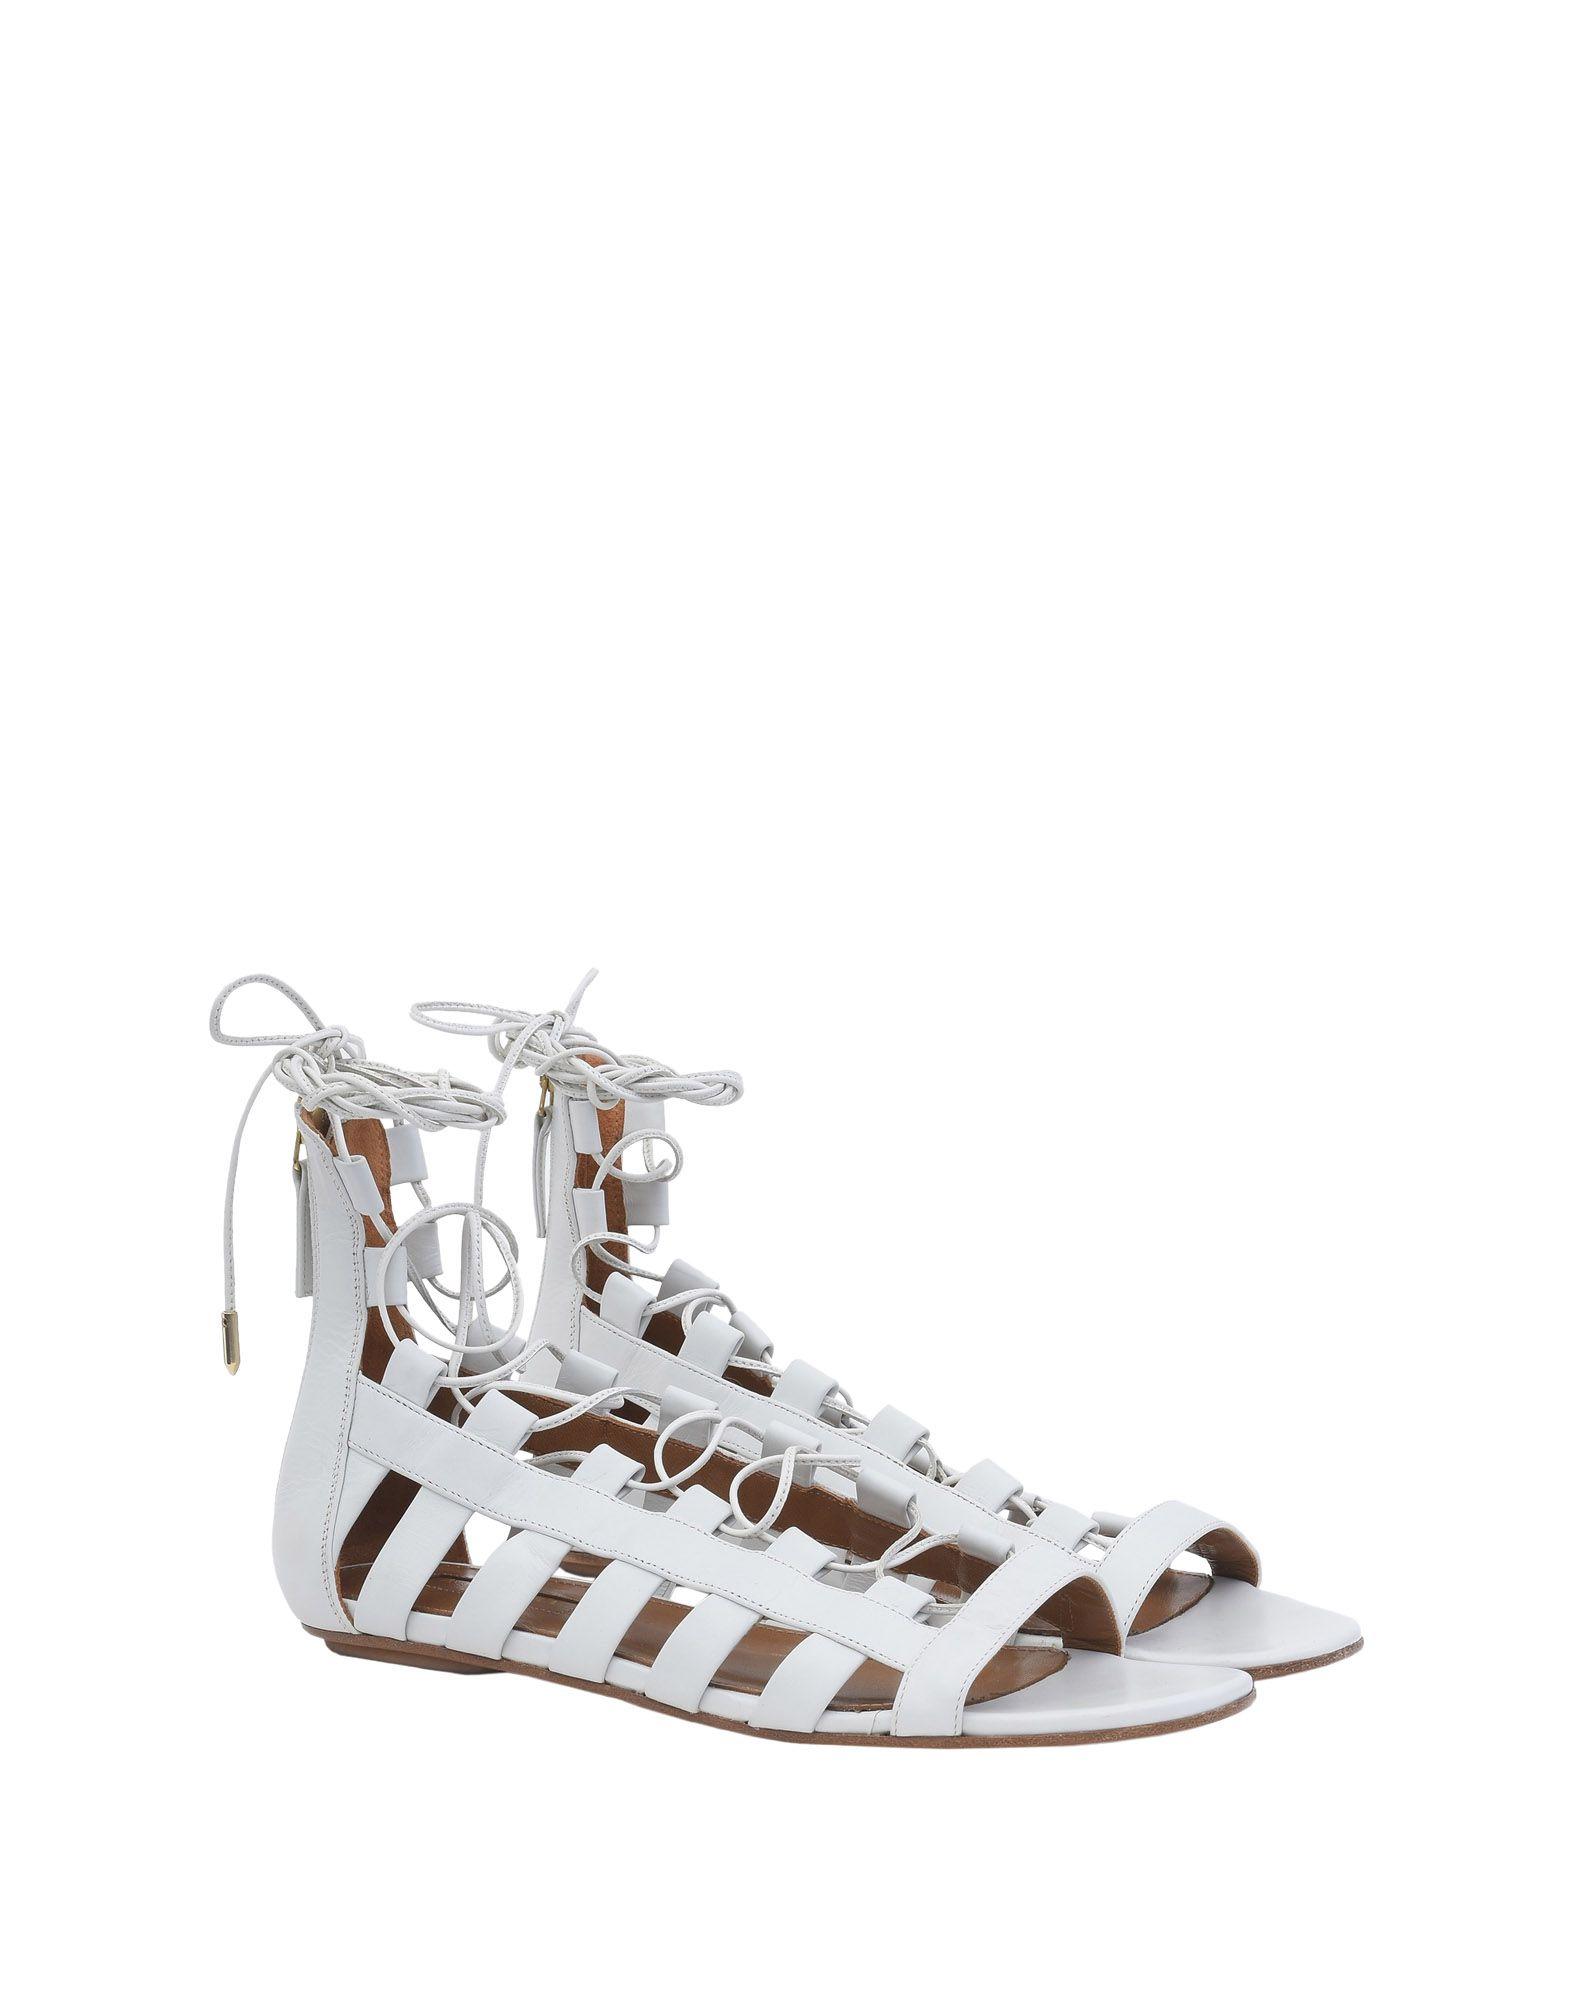 Aquazzura gut Sandalen Damen  11434834OMGünstige gut Aquazzura aussehende Schuhe 91c26e